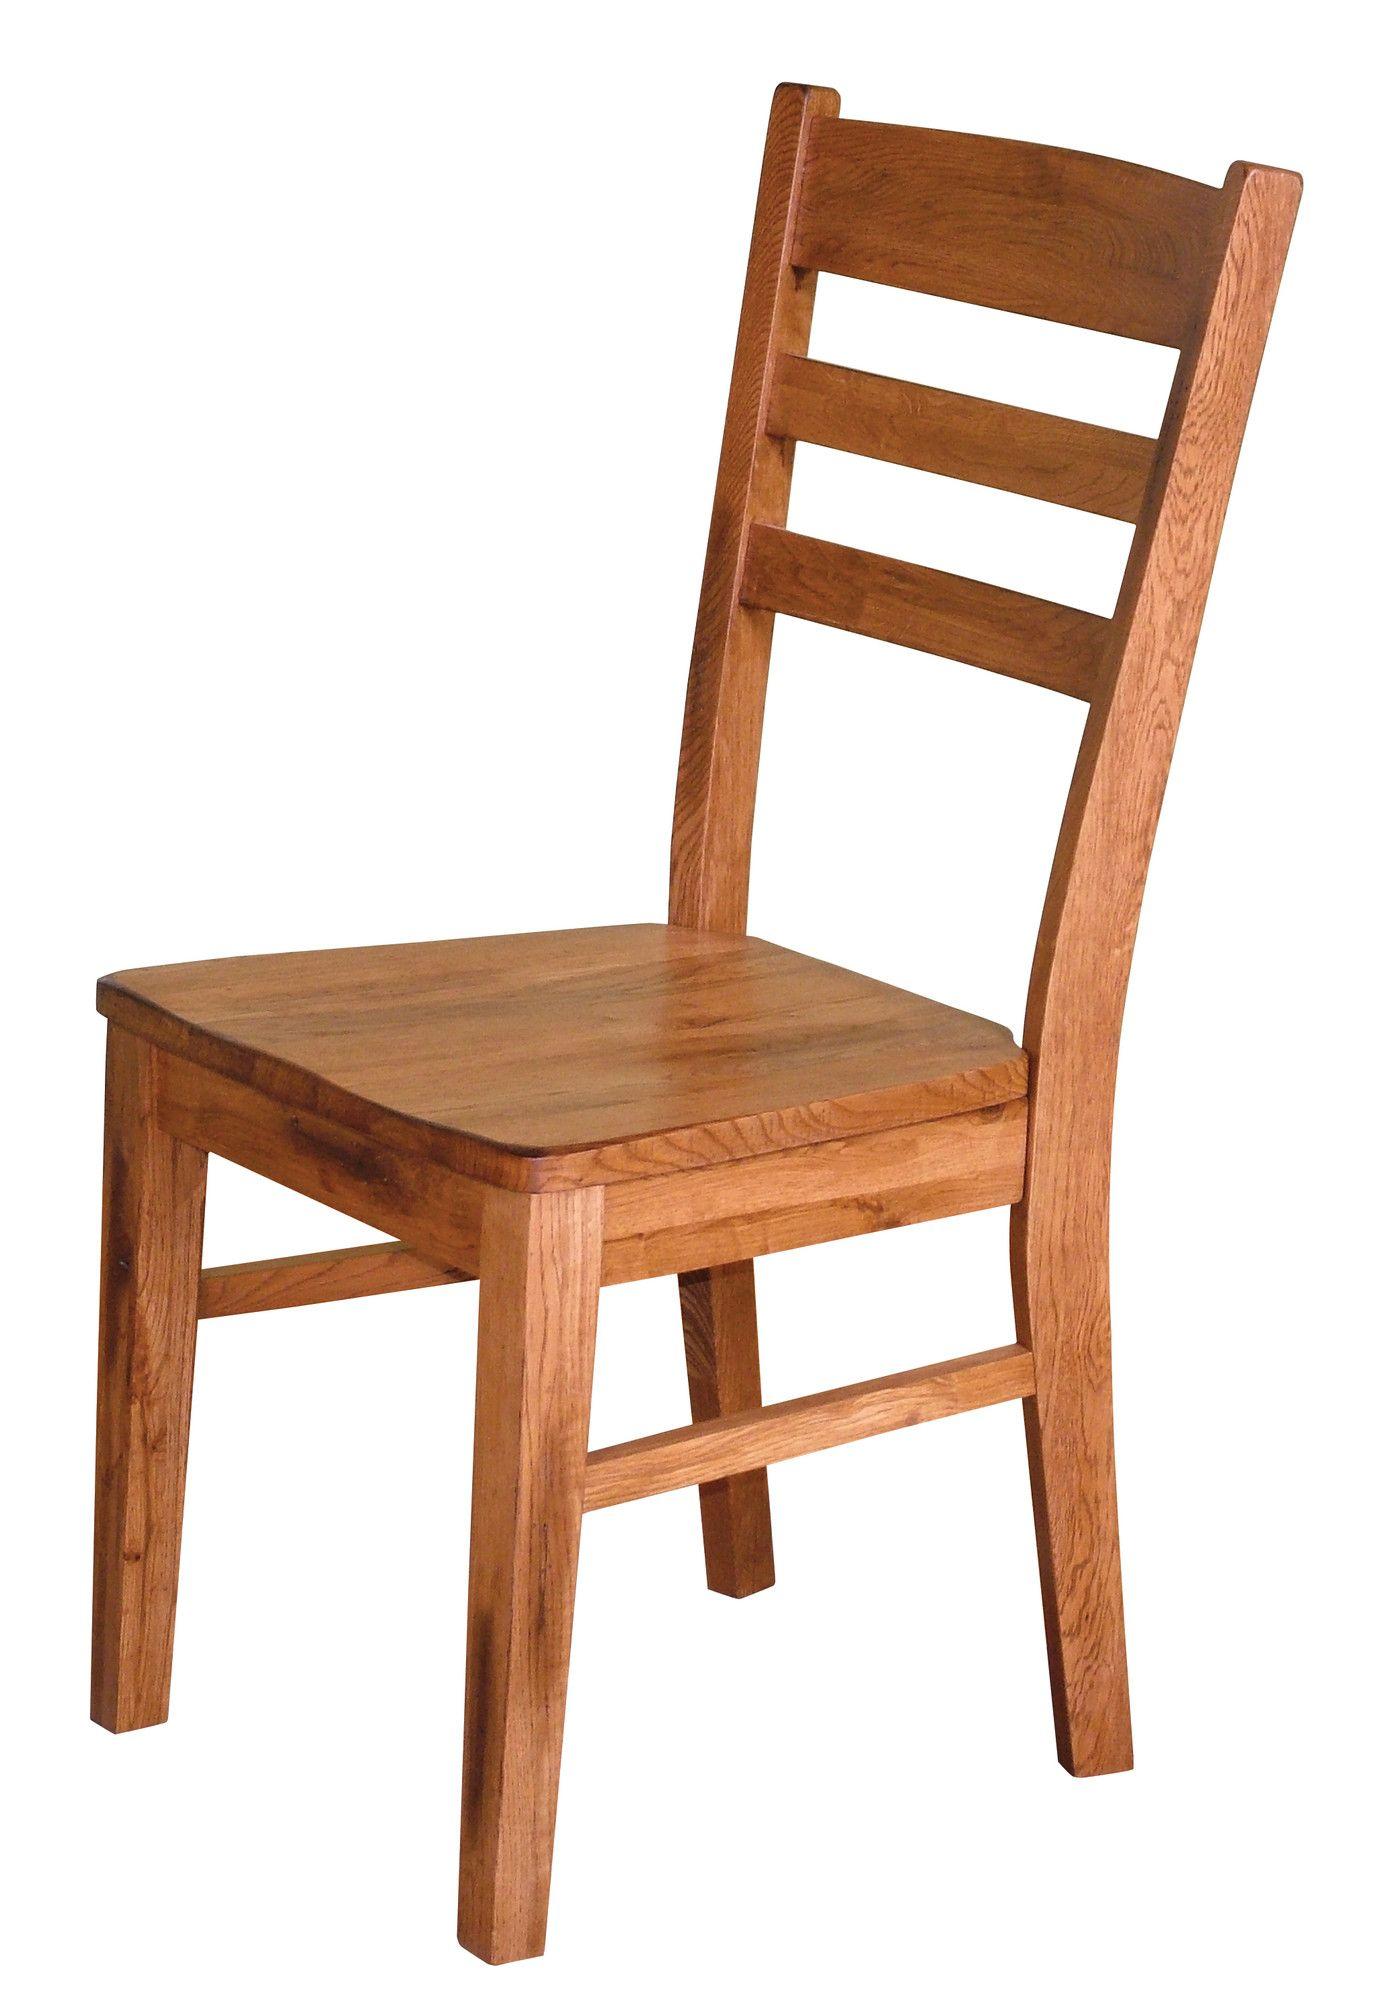 фото деревянные стулья со спинкой картинки каждом